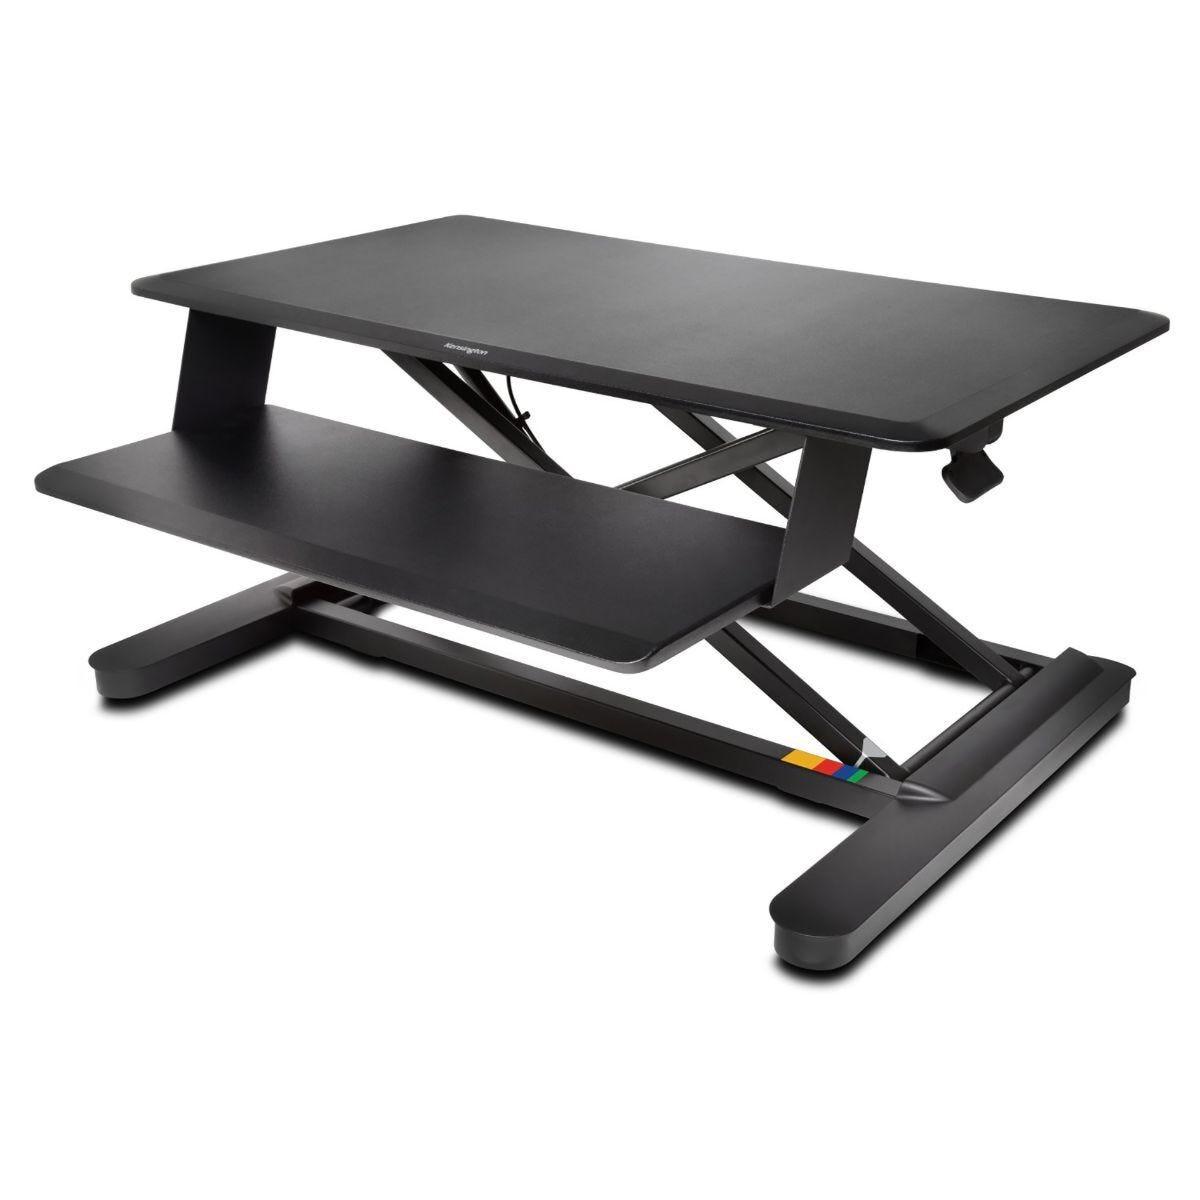 Kensington SmartFit Sit and Stand Desk